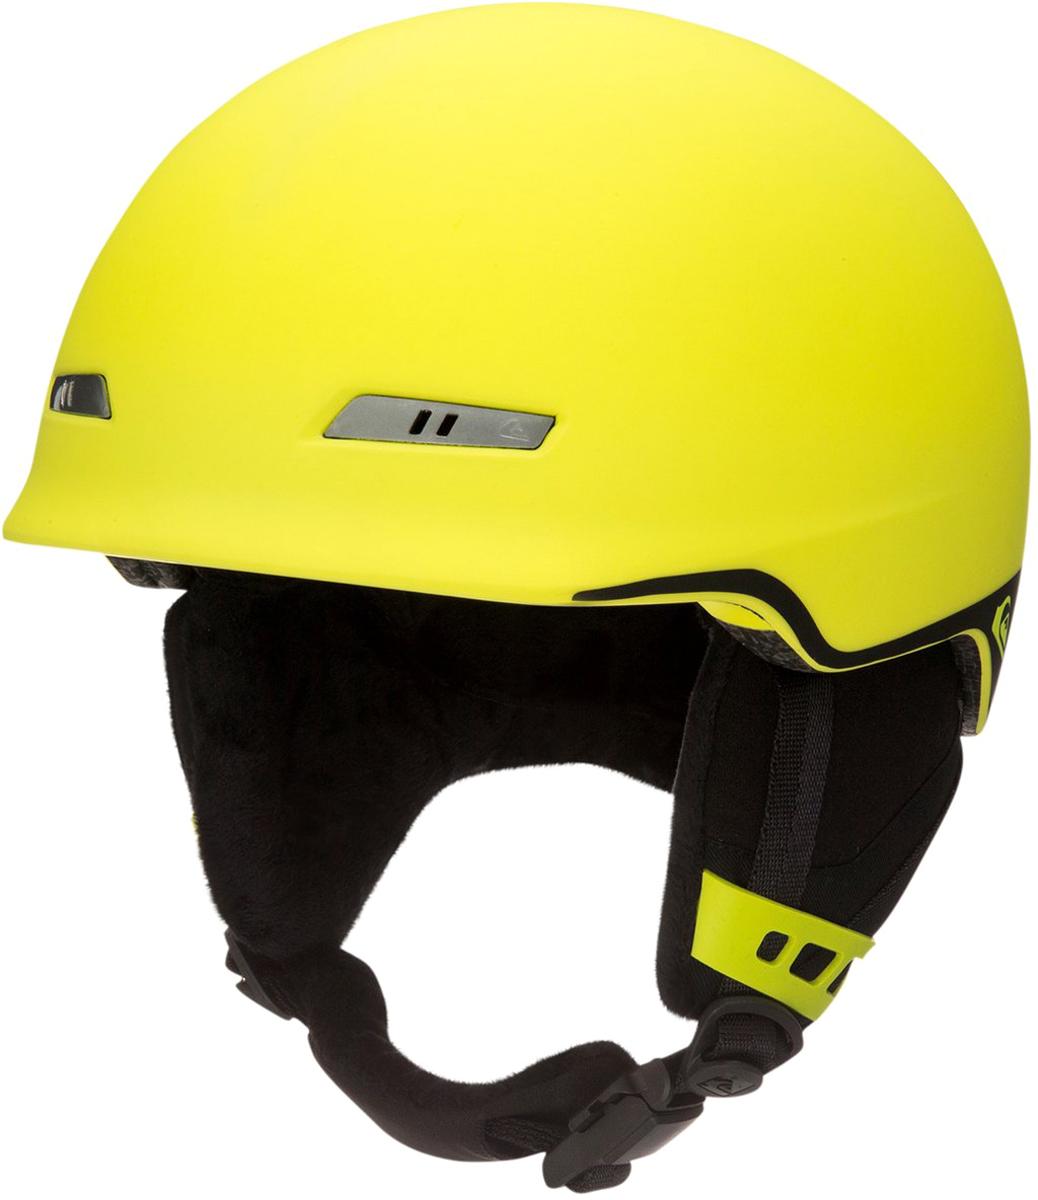 Шлем для горных лыж и сноуборда мужской Quiksilver. EQYTL03017-GGP0. Размер S (52-54)EQYTL03017-GGP0Основной материал: двойной микрошелл сверхлегкой литой конструкцииБезопасность: ударопоглощающий пенный полимер EPSВентиляция: пассивная вентиляция спереди и сзадиИзнанка/подкладка: подкладка из сетки и флисовой шерпыНакладки на уши/аудиосистема: мягкие термоформованные съемные накладки на ушиПрочие характеристики: система регулировки размера и воротник-гейтерСтреп на подбородок: выполнен из мягкой шерпы и оснащен застежкой системы Fidlock®Вес: 400 гСертификация: EN1077